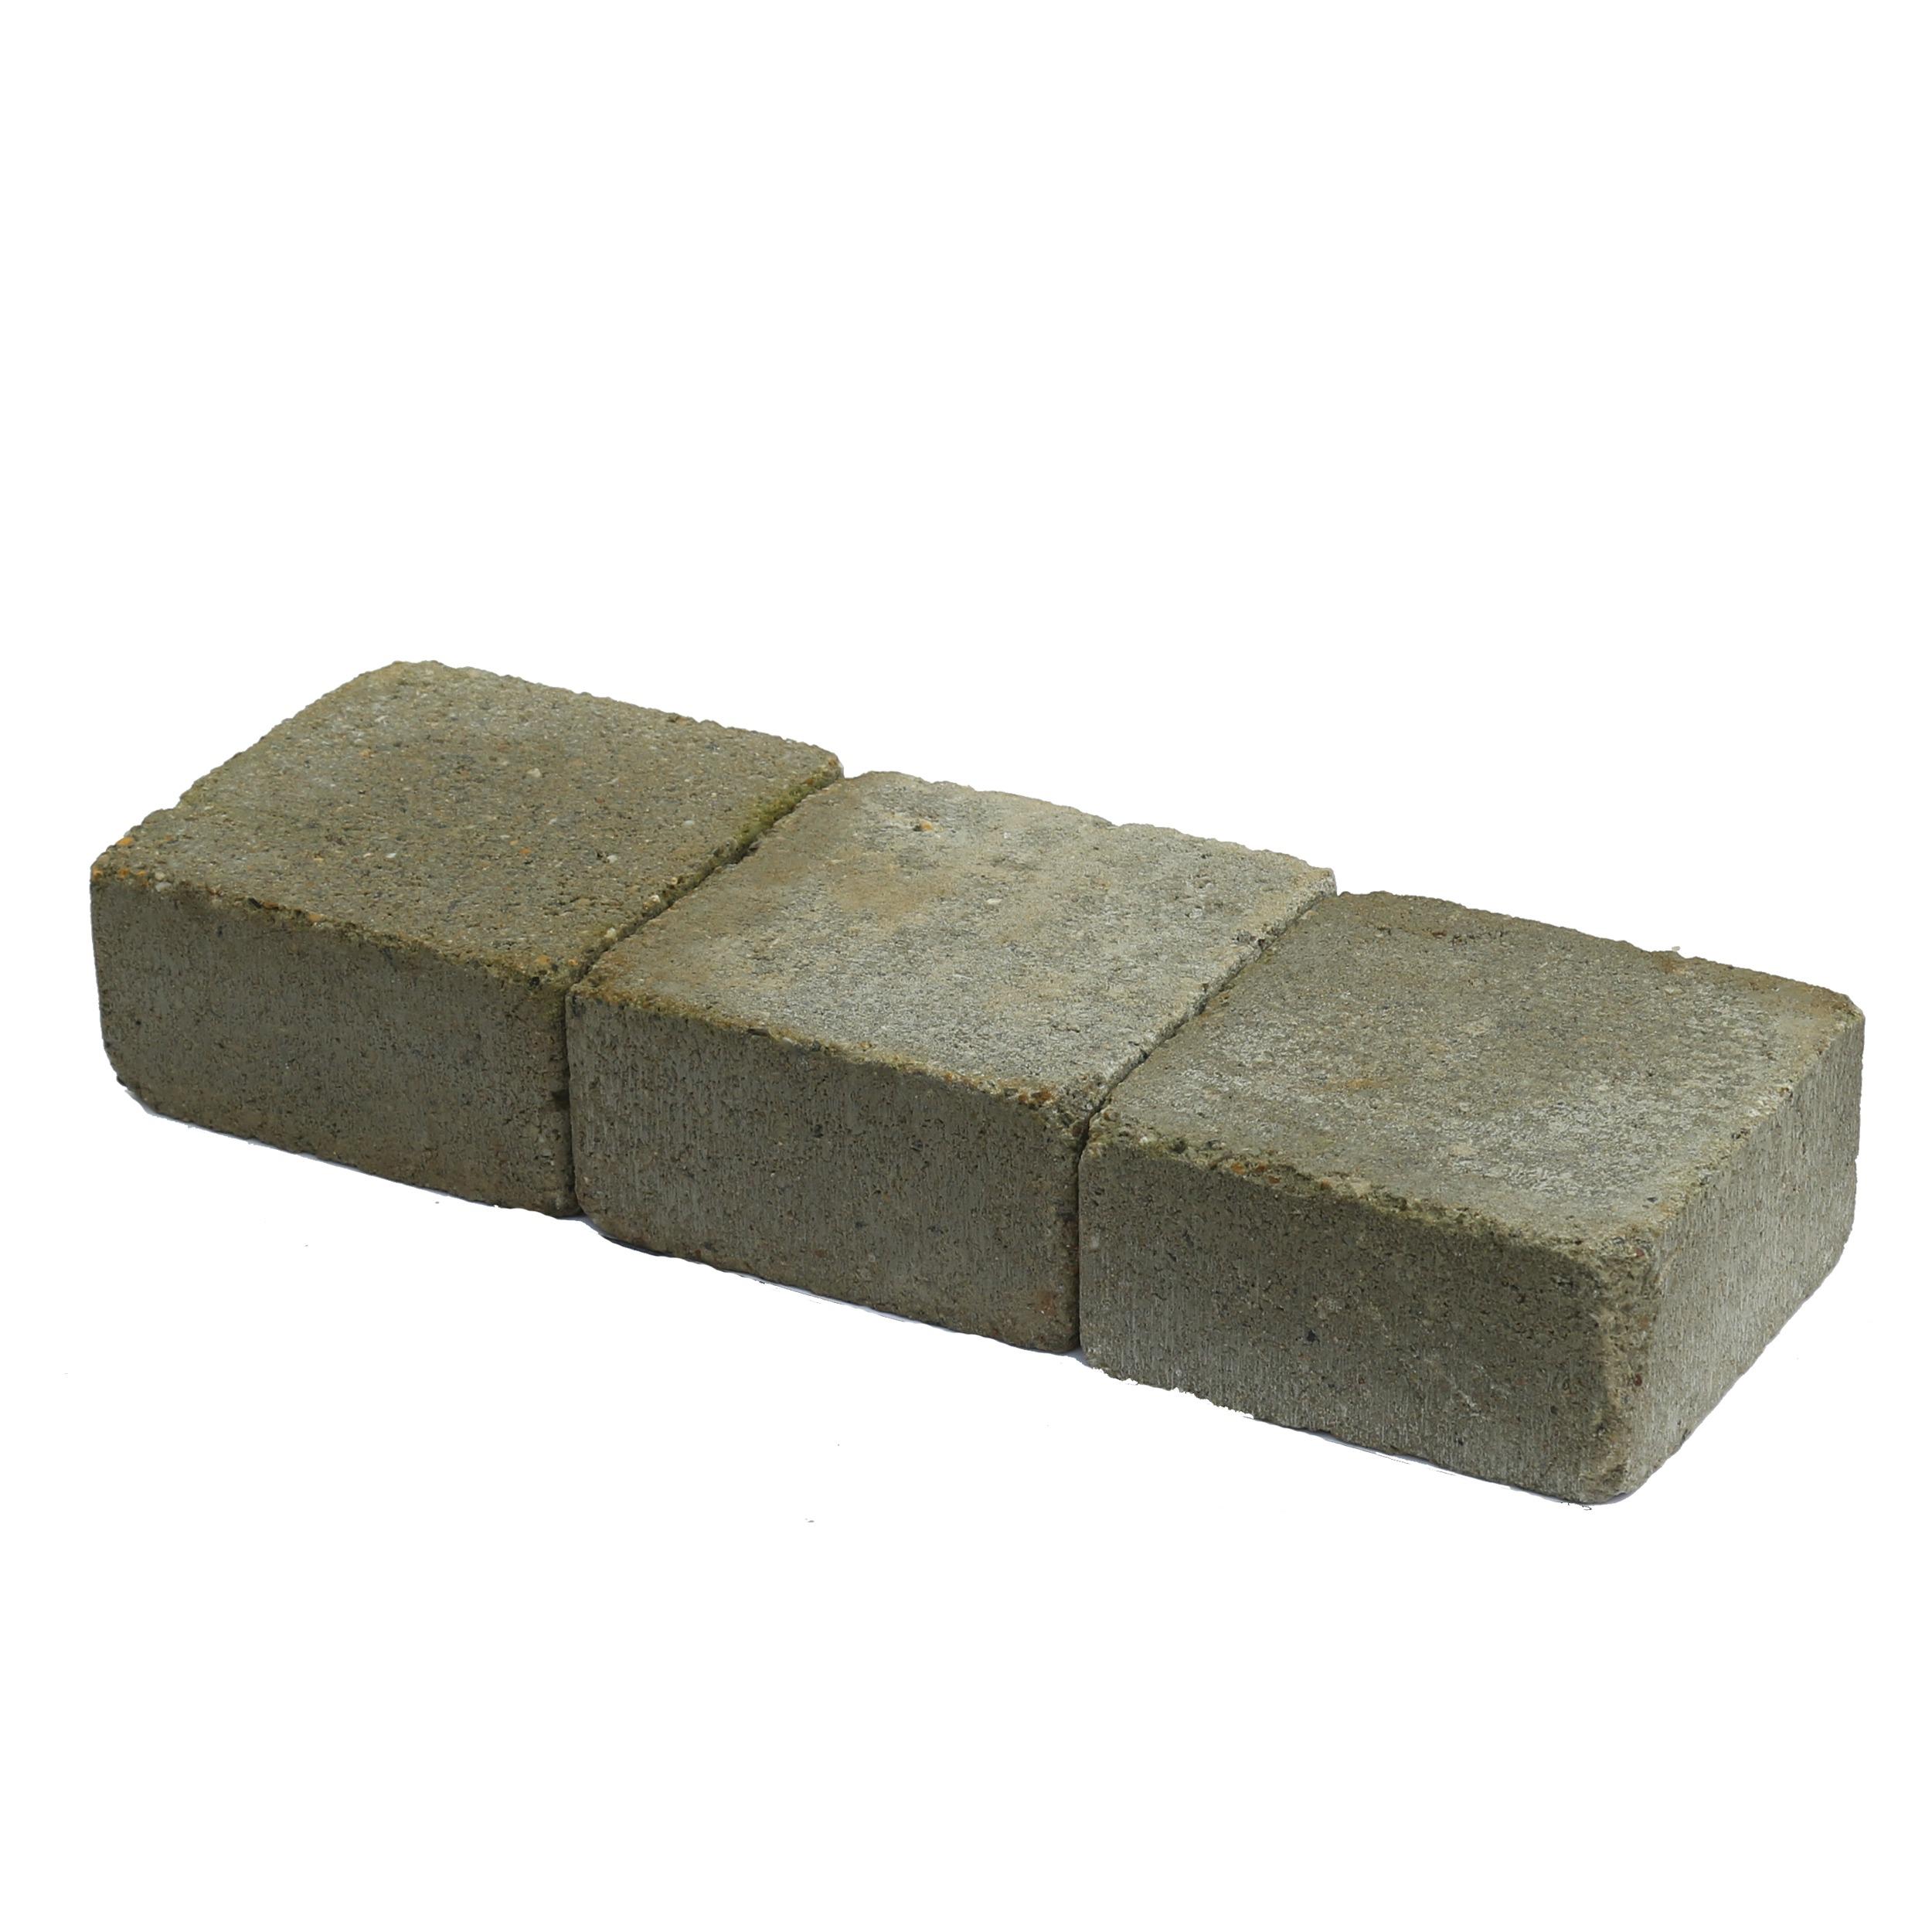 Trommelsteen Beton Grijs 14x14x7 cm - 315 Stuks - 6,18 m2